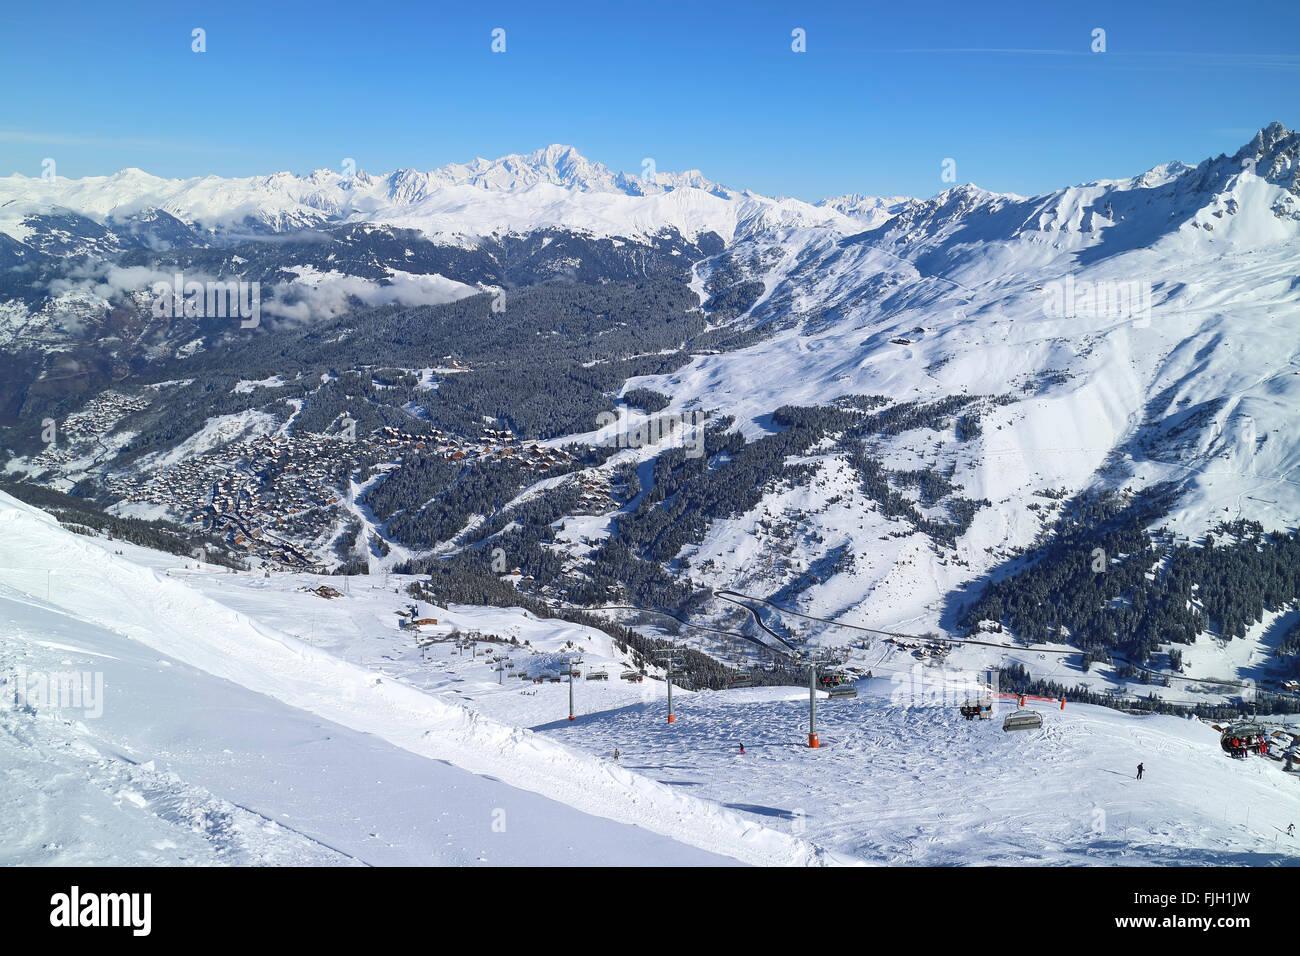 Il villaggio sciistico di Méribel nelle Alpi francesi tre valli ski resort, con piste da sci e impianti di Immagini Stock